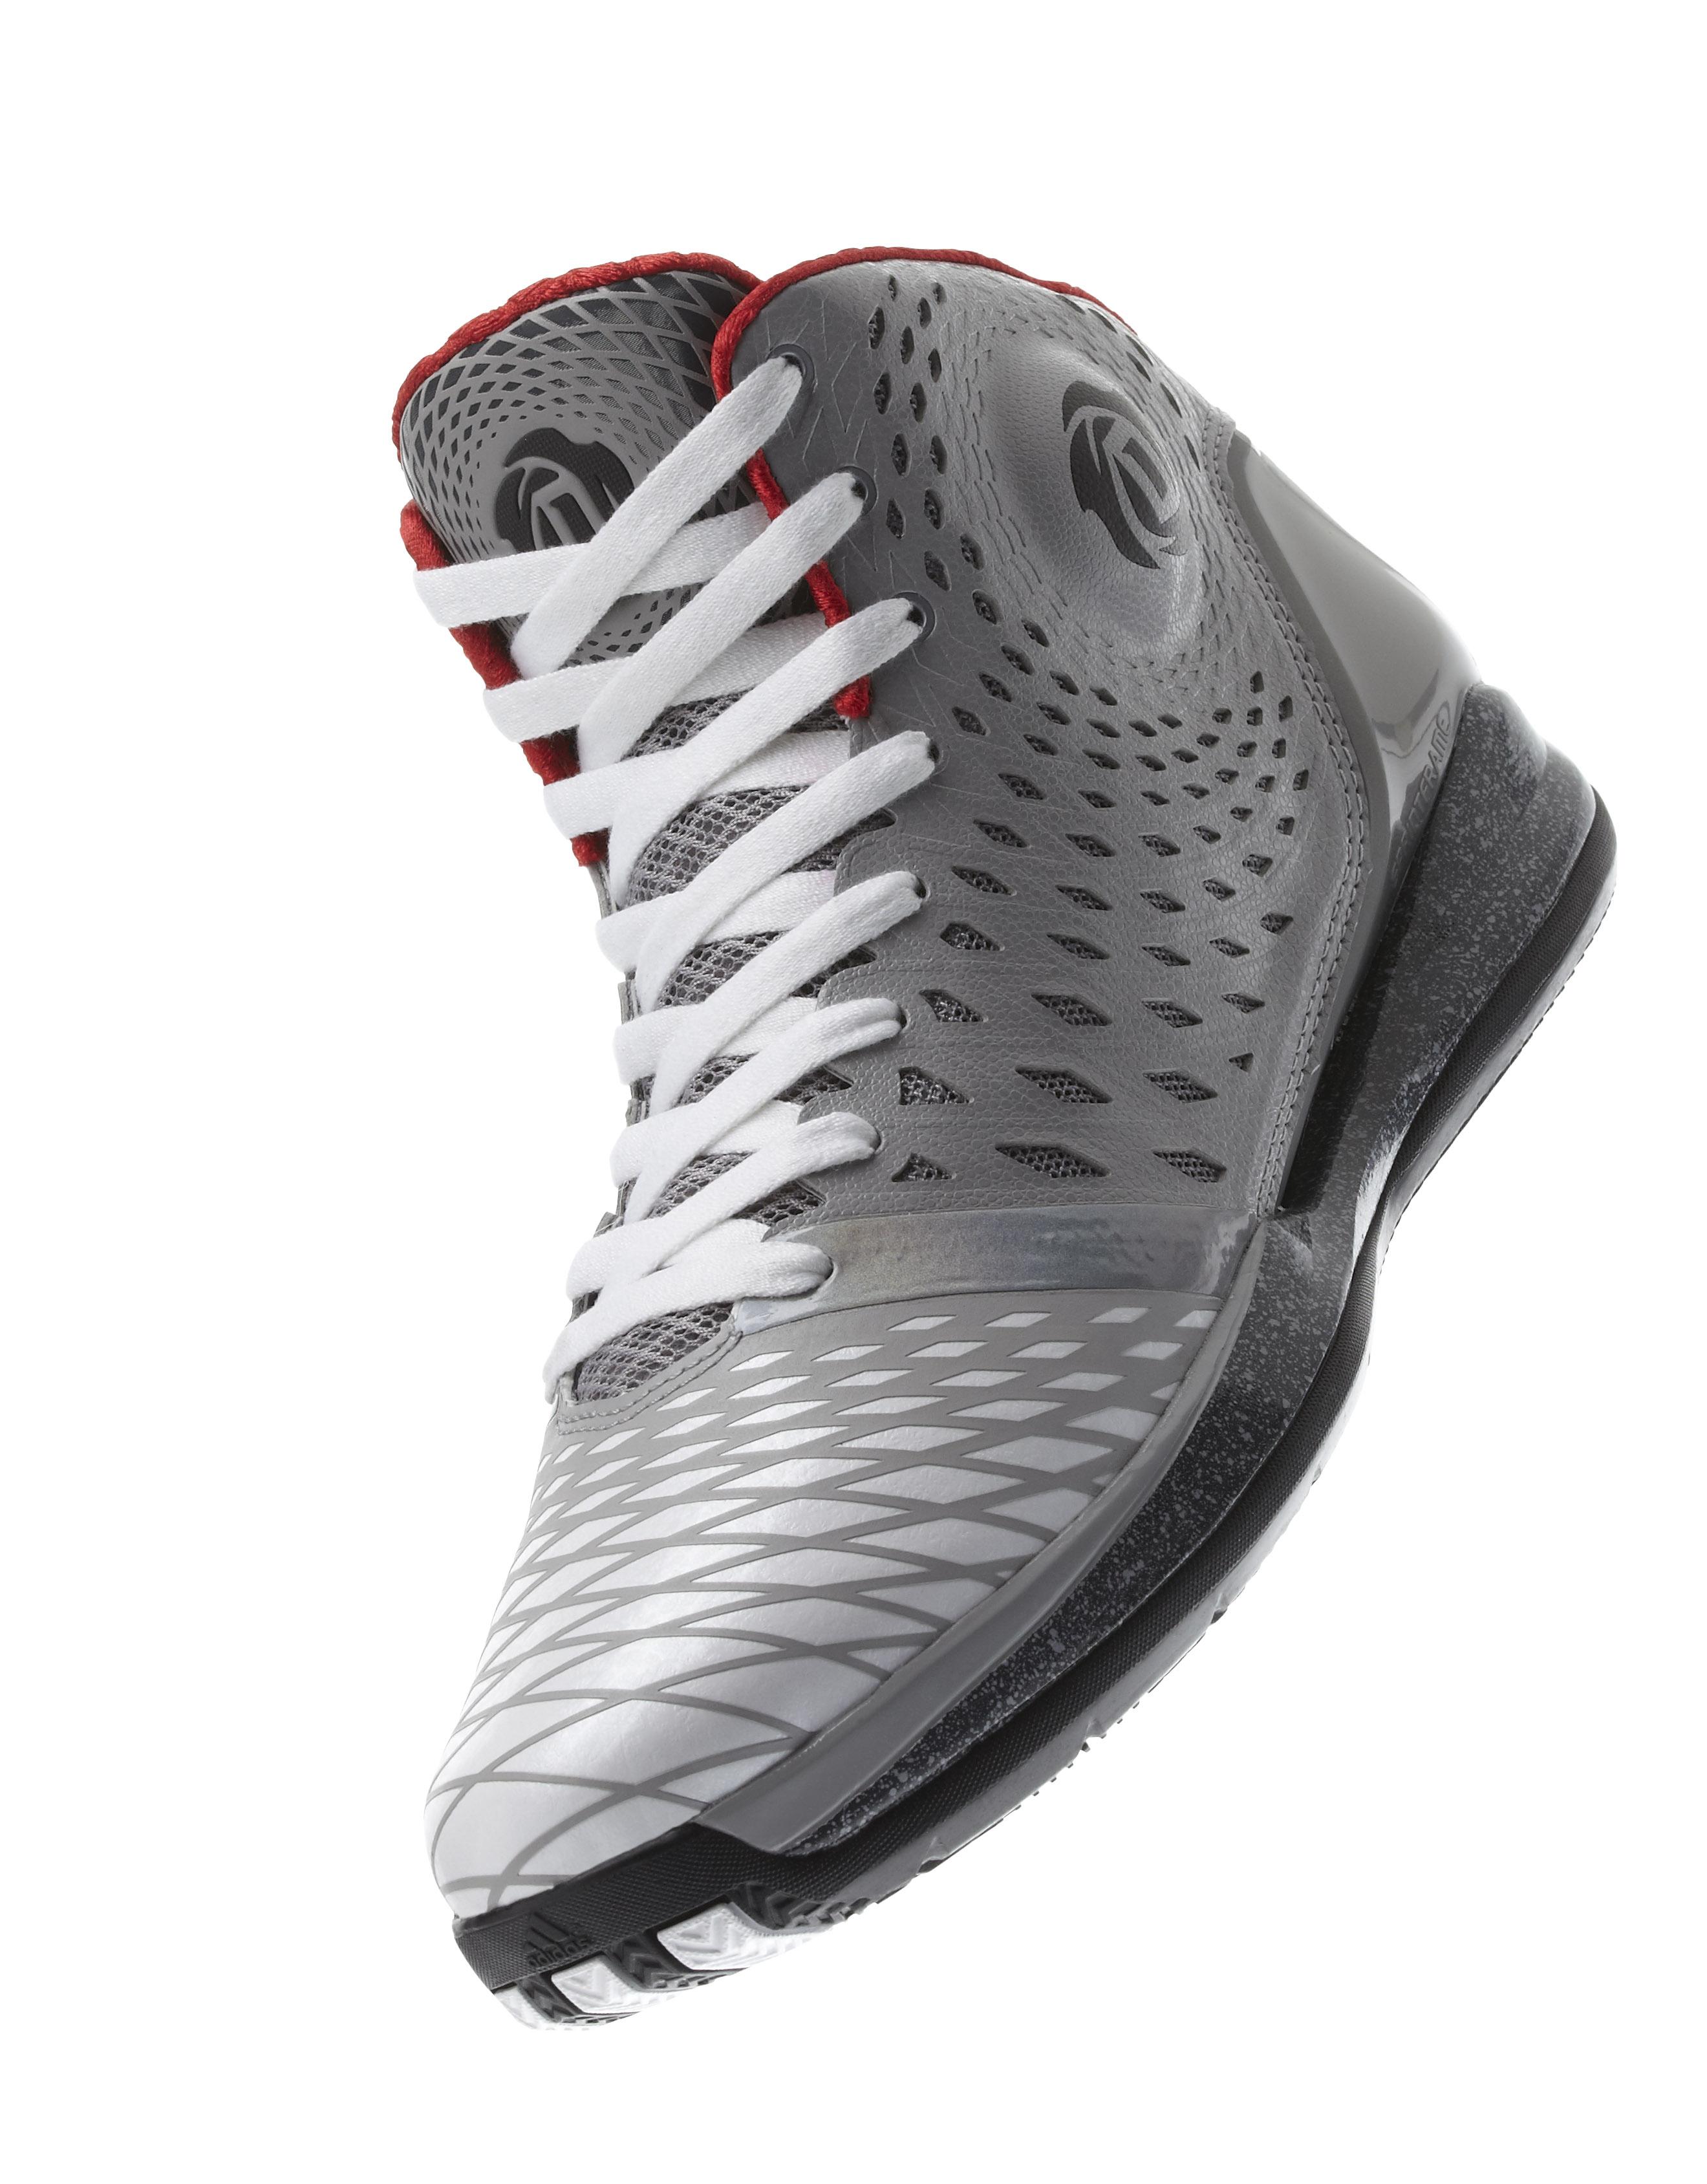 25b75f217ea4 D Rose 3.5 – мужские баскетбольные кроссовки